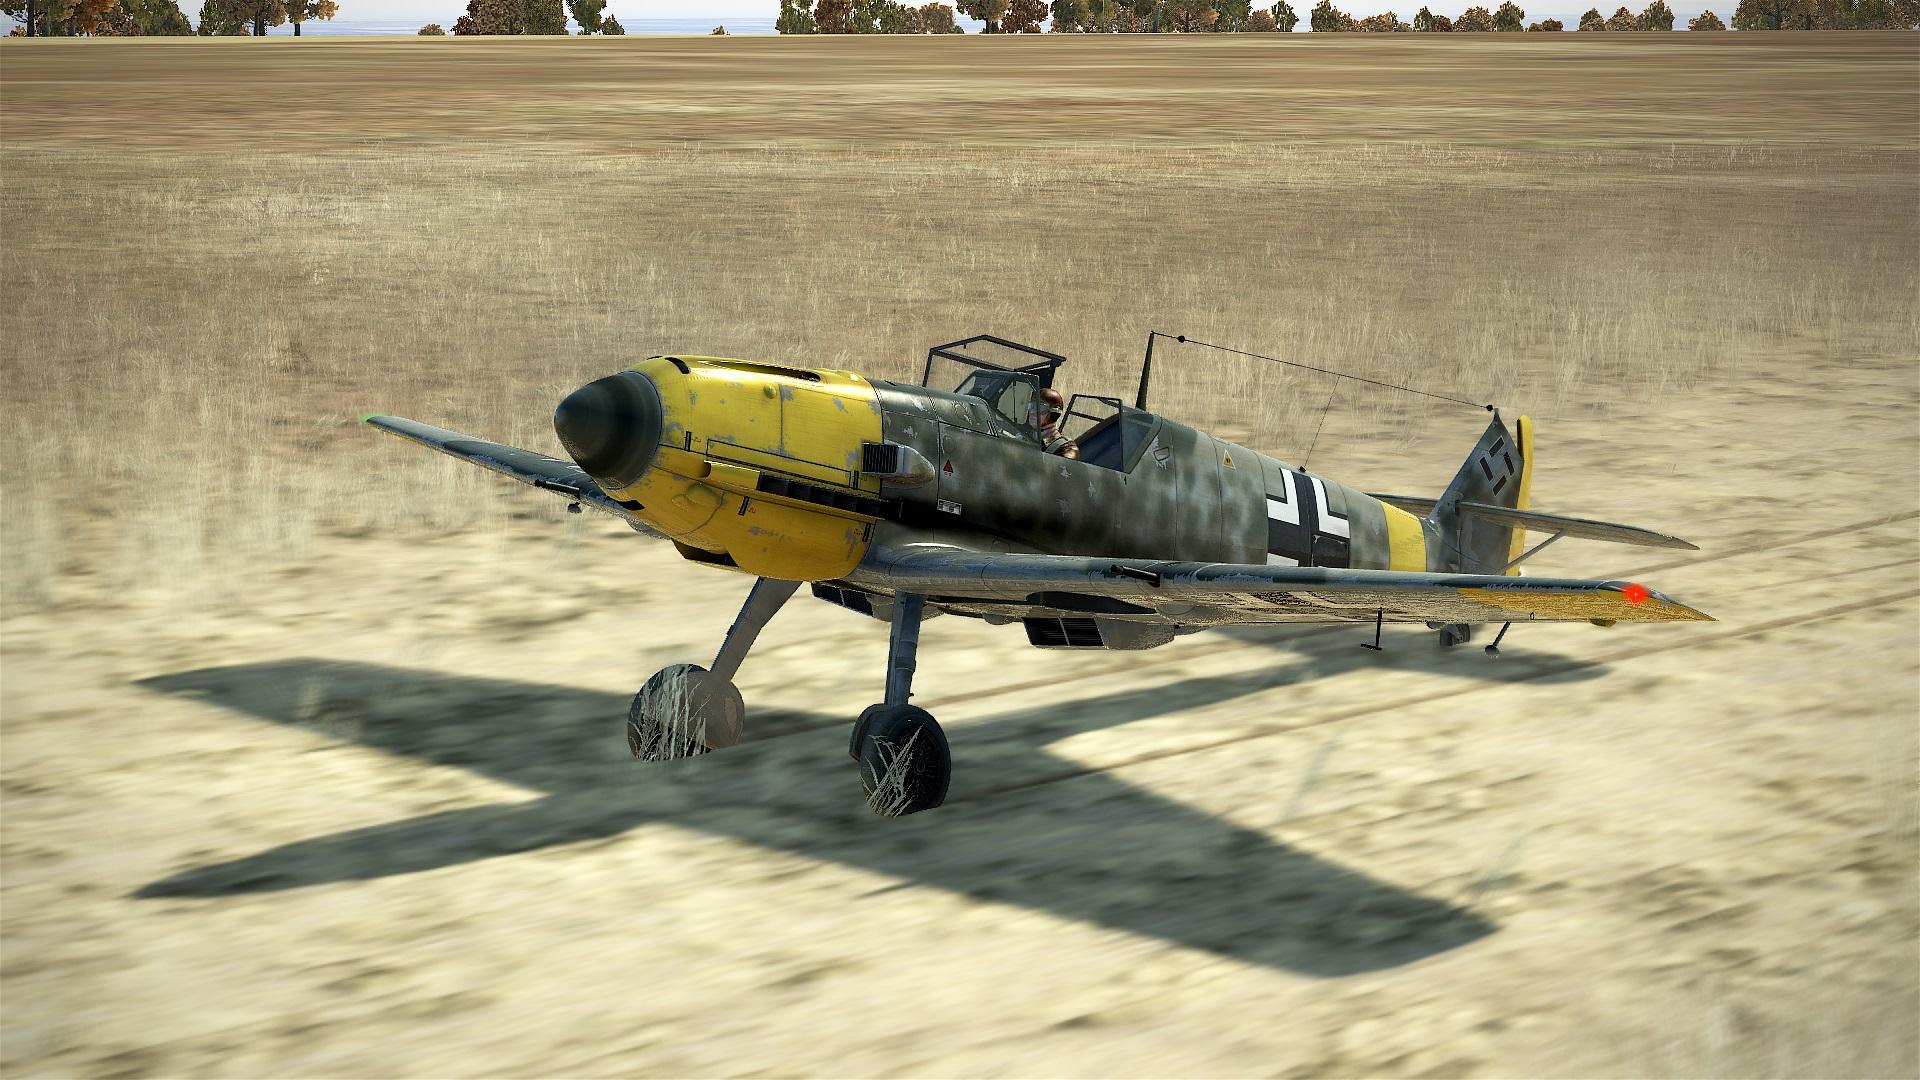 Verfahren Bf 109, Bild von kaltokri, Gemeinfrei